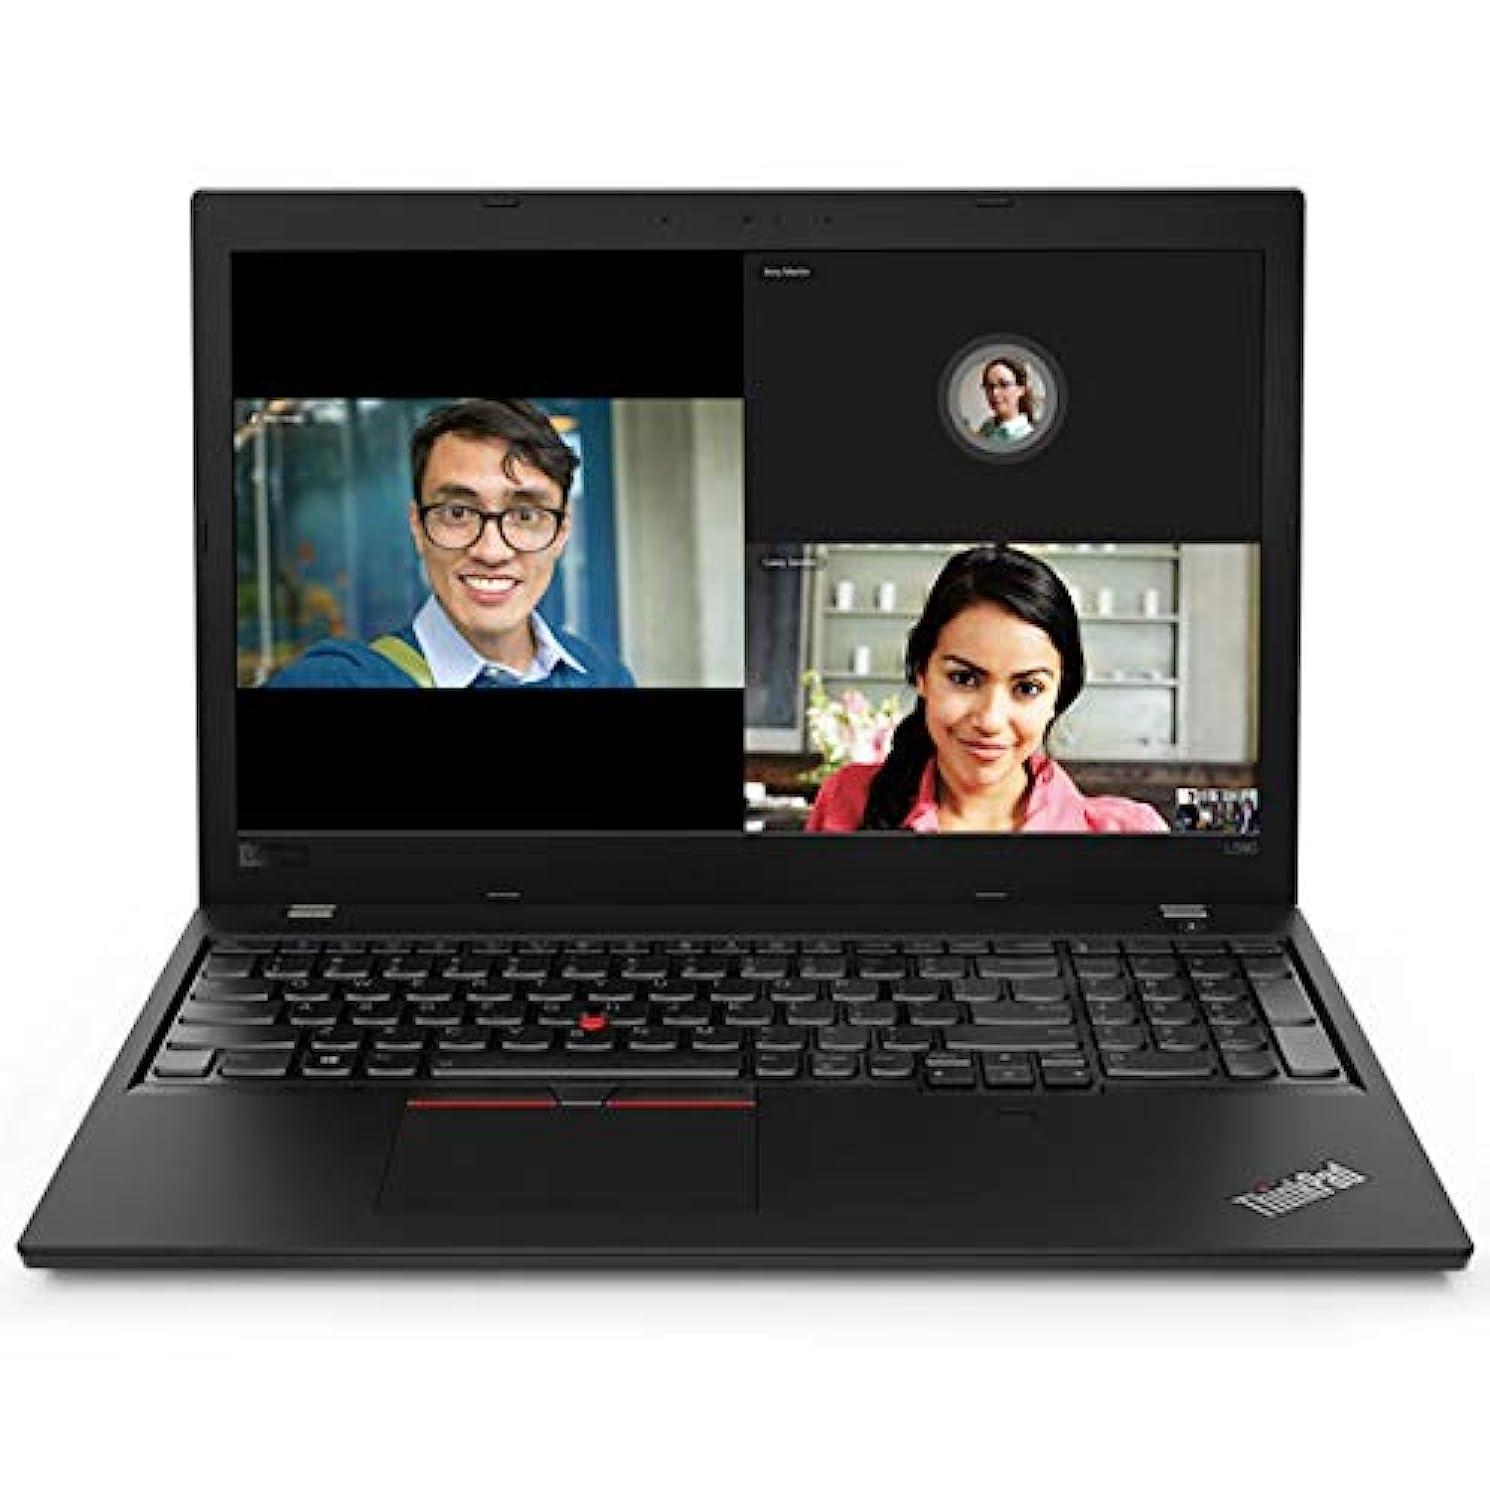 天使変換体細胞レノボ?ジャパン 20LW002WJP ThinkPad L580 (Core i3-7020U/8/500/ODDなし/Win10Pro/15.6)